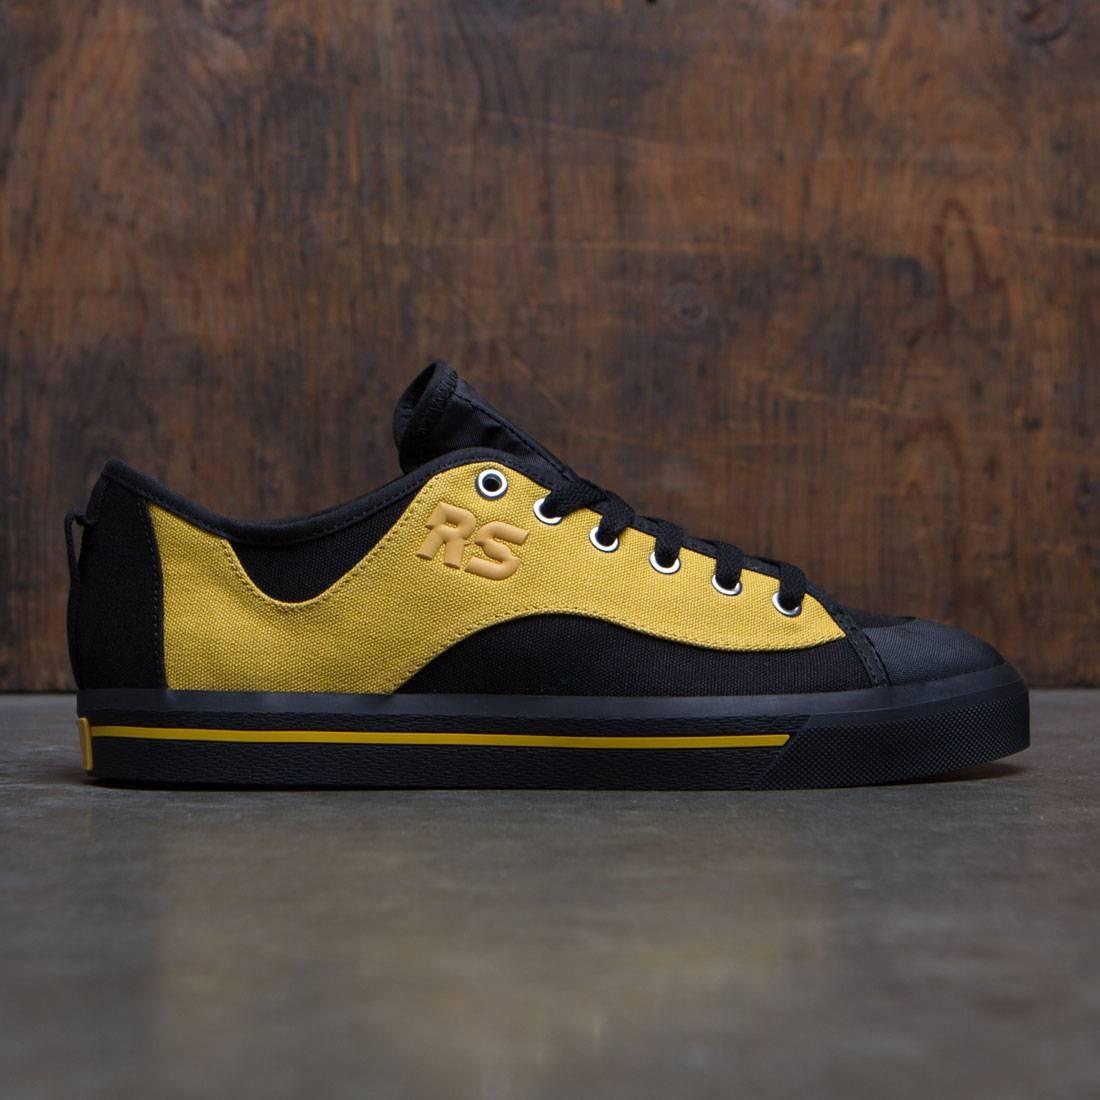 【海外限定】アディダス 黄色 イエロー コア スニーカー メンズ靴 【 ADIDAS YELLOW X RAF SIMONS MEN SPIRIT V BLACK CORN CORE 】